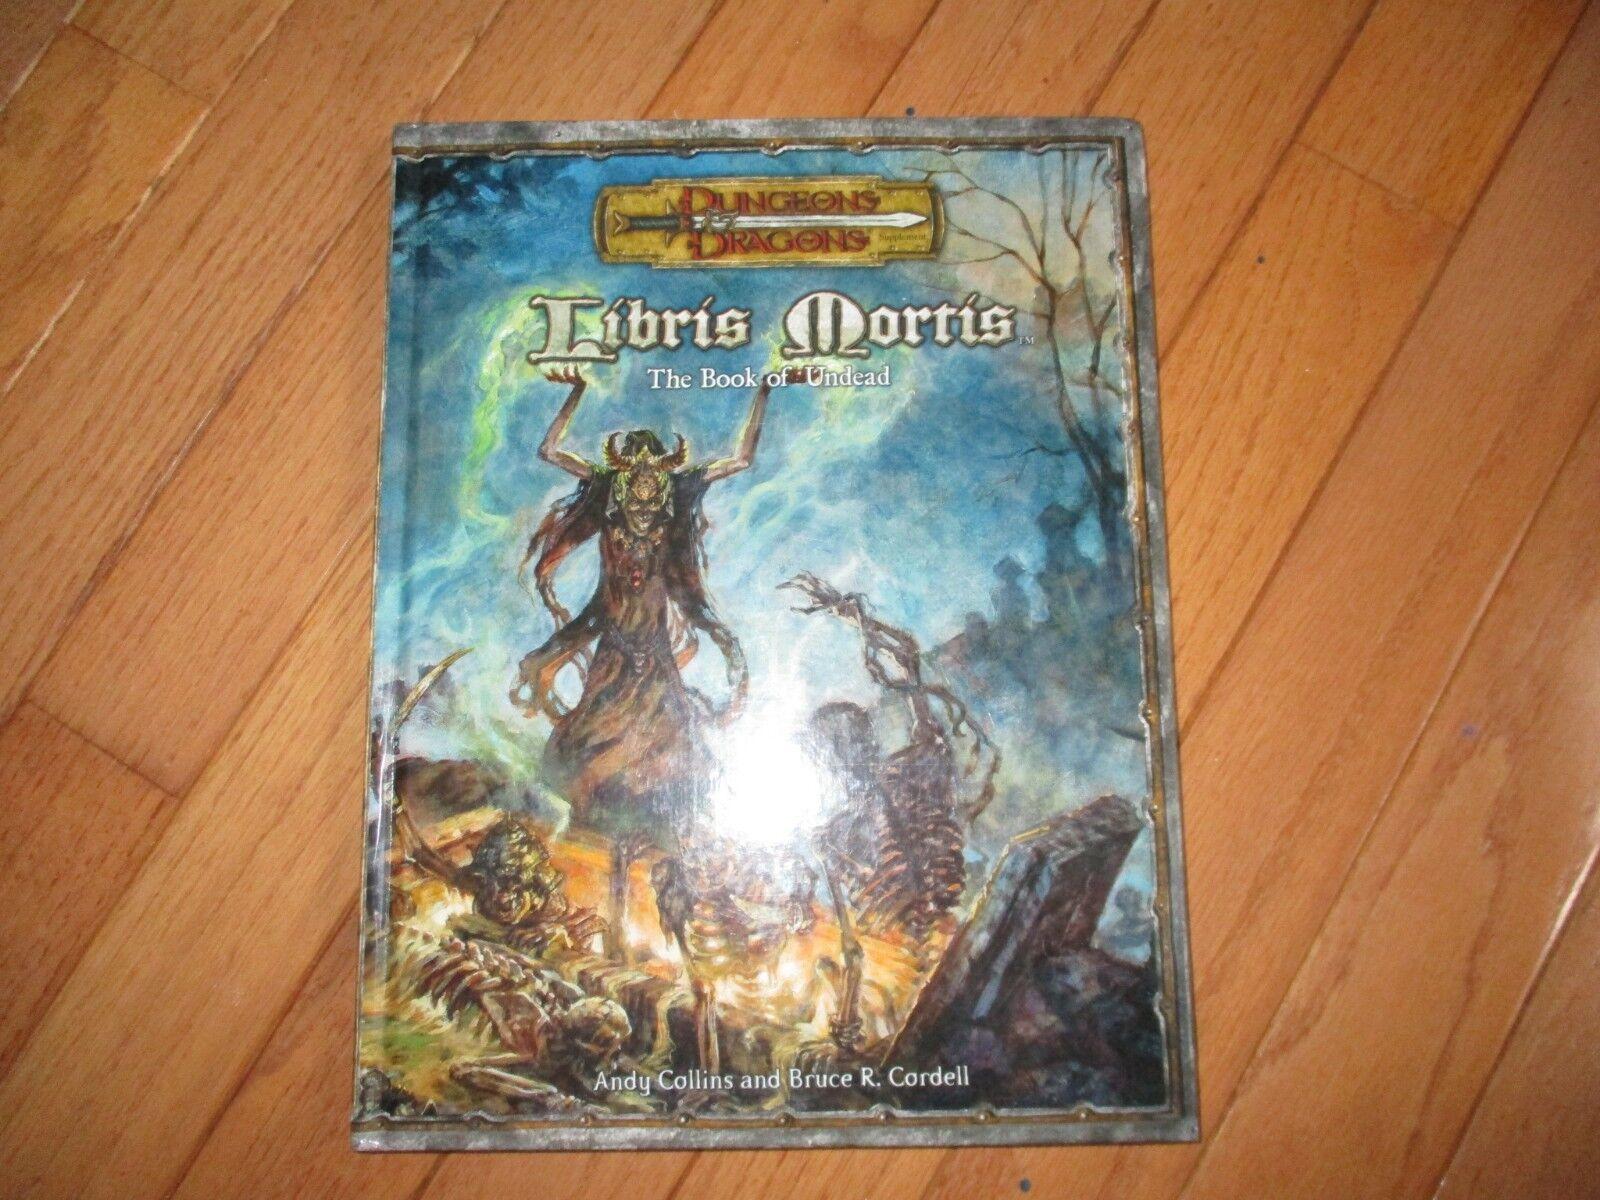 D&D D20 WOTC Libris Mortis The Book of Undead